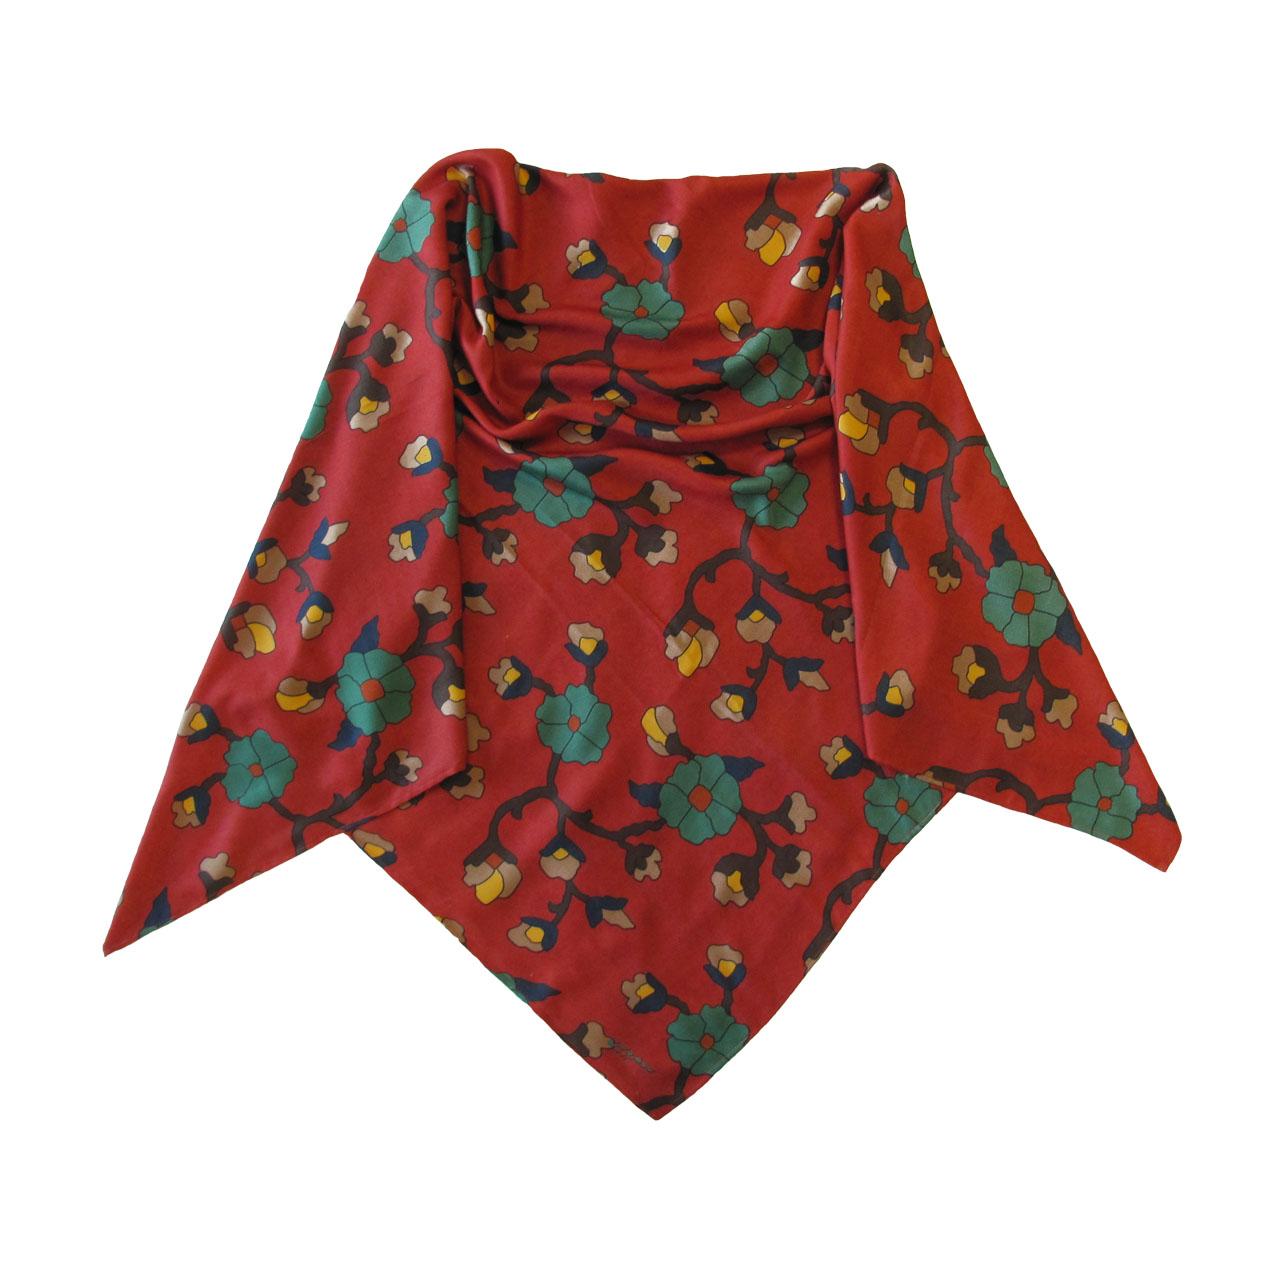 روسری زنانه سروین مدل صنم کد Ssa105